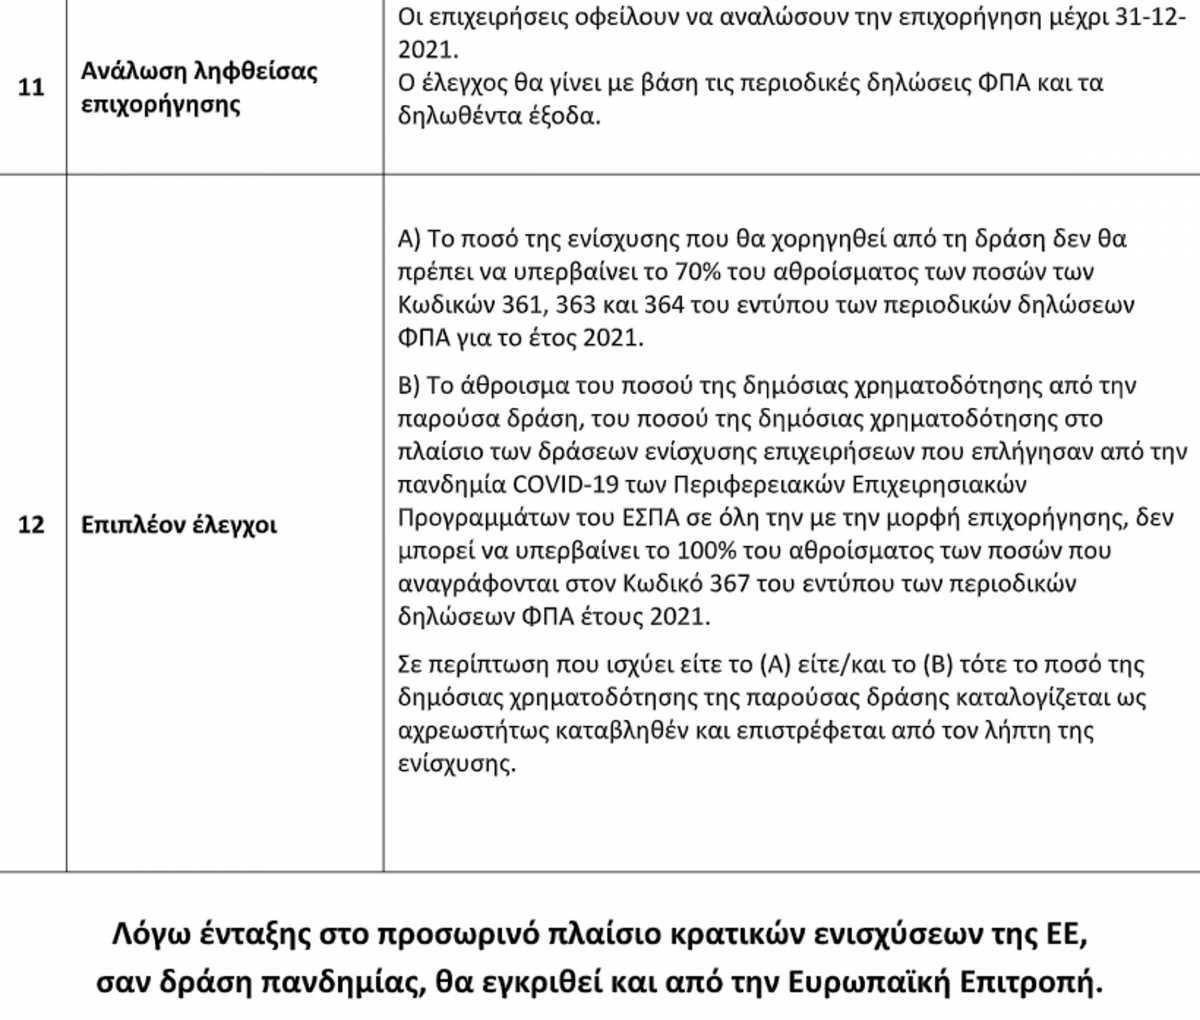 Μέχρι και 100.000 ευρώ θα λάβω πάνω από 30.000 επιχειρήσεις εστίασης, Μέχρι και 100.000 ευρώ θα λάβουν πάνω από 30.000 επιχειρήσεις εστίασης – Όλα τα μέτρα, Eviathema.gr | ΕΥΒΟΙΑ ΝΕΑ - Νέα και ειδήσεις από όλη την Εύβοια